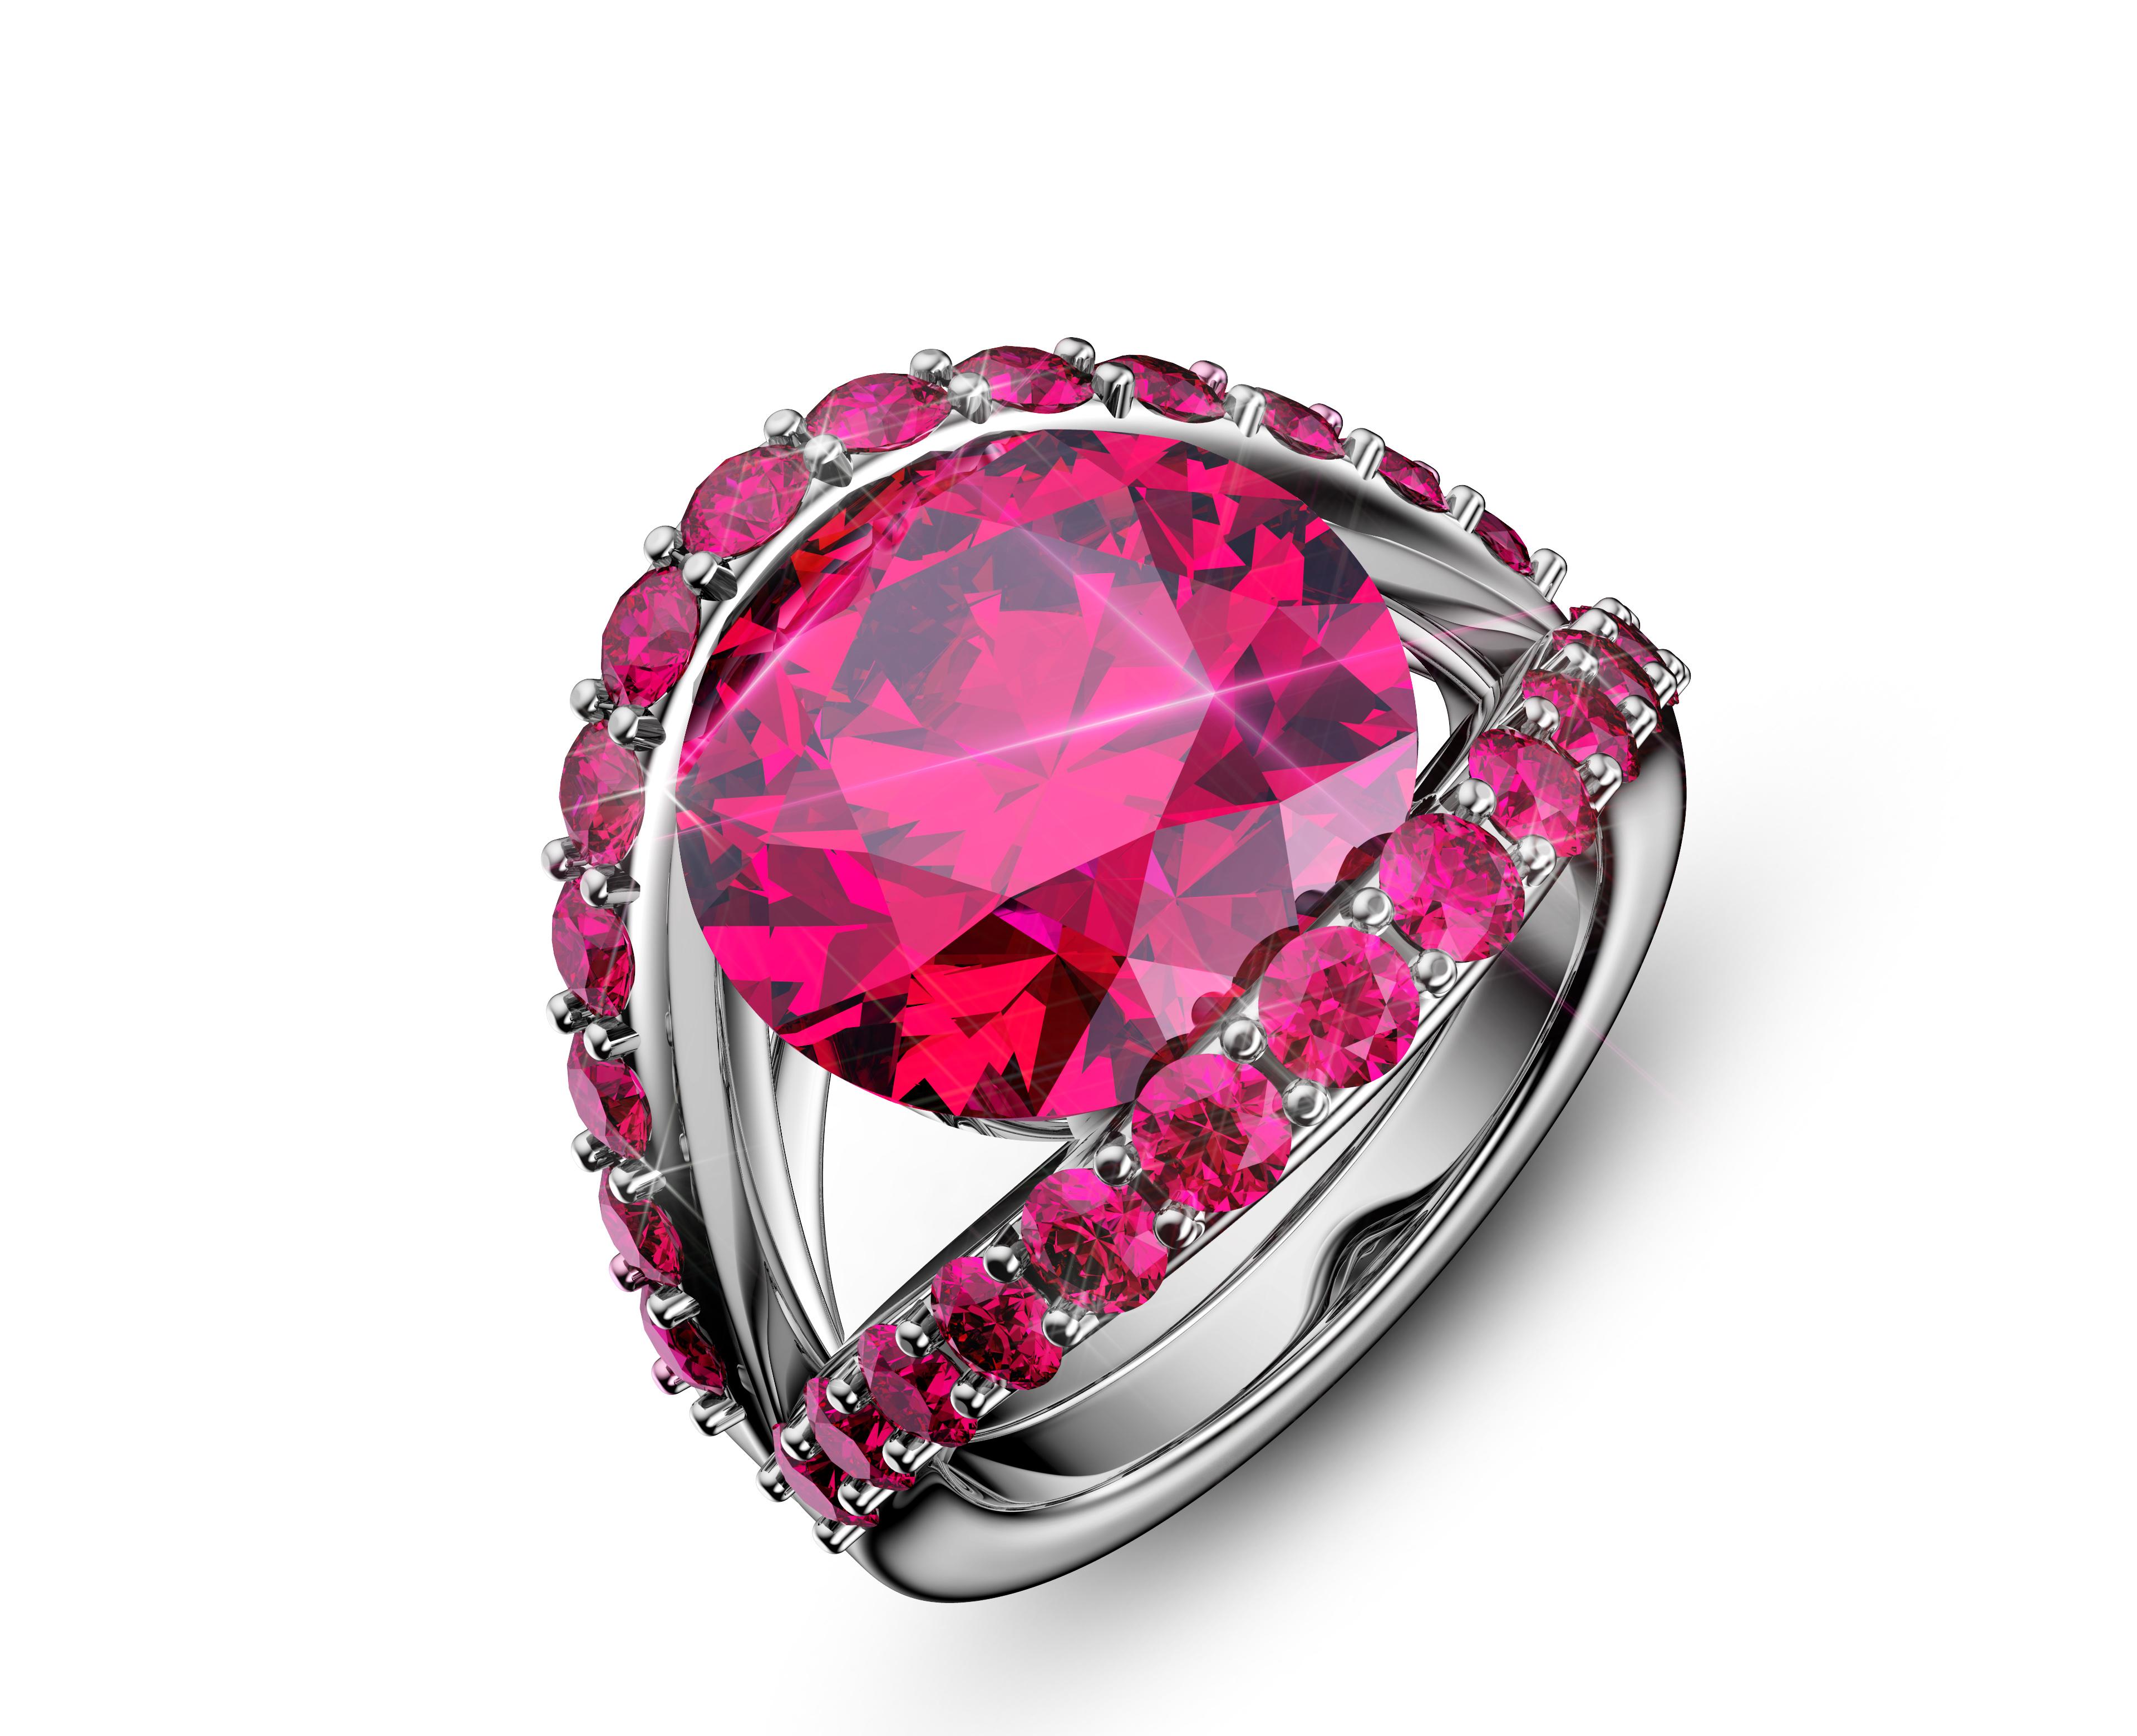 珠宝玉石渲染